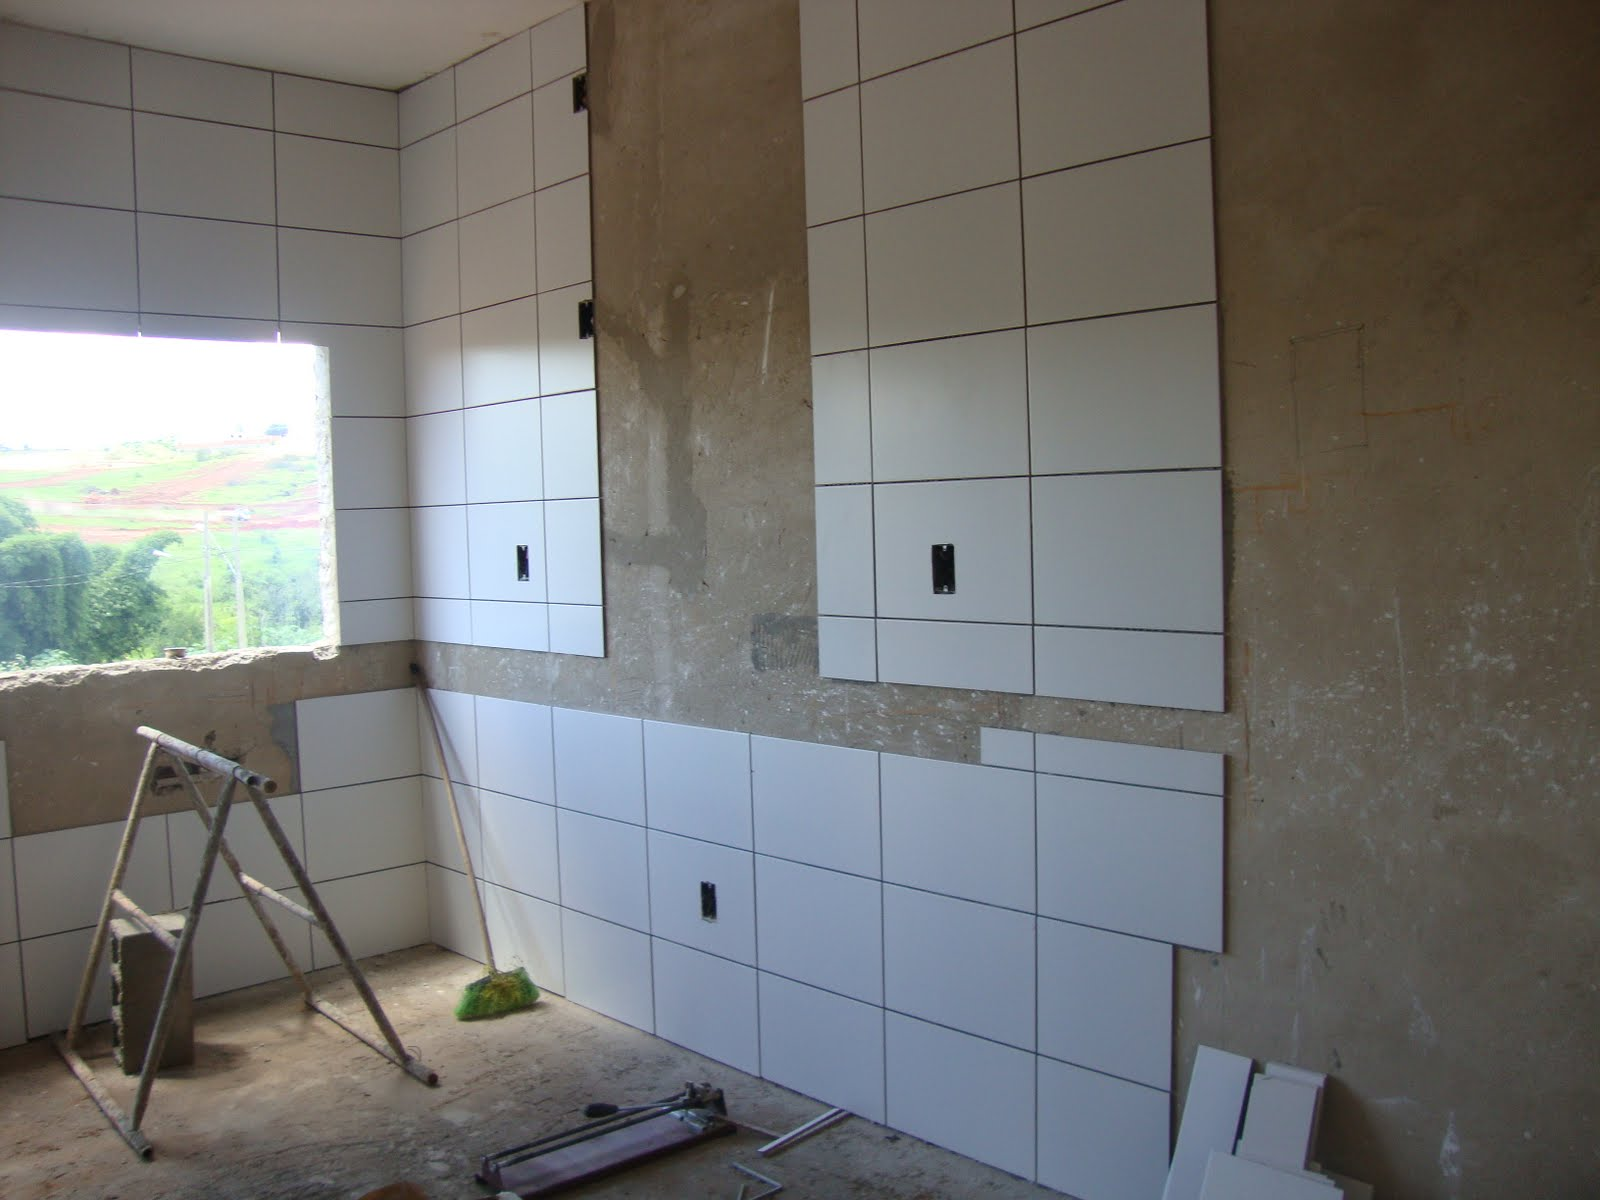 onde não tem azulejo é o espaço deixado para as pastilhas #4B6680 1600x1200 Banheiro Com Azulejo Que Imita Pastilha